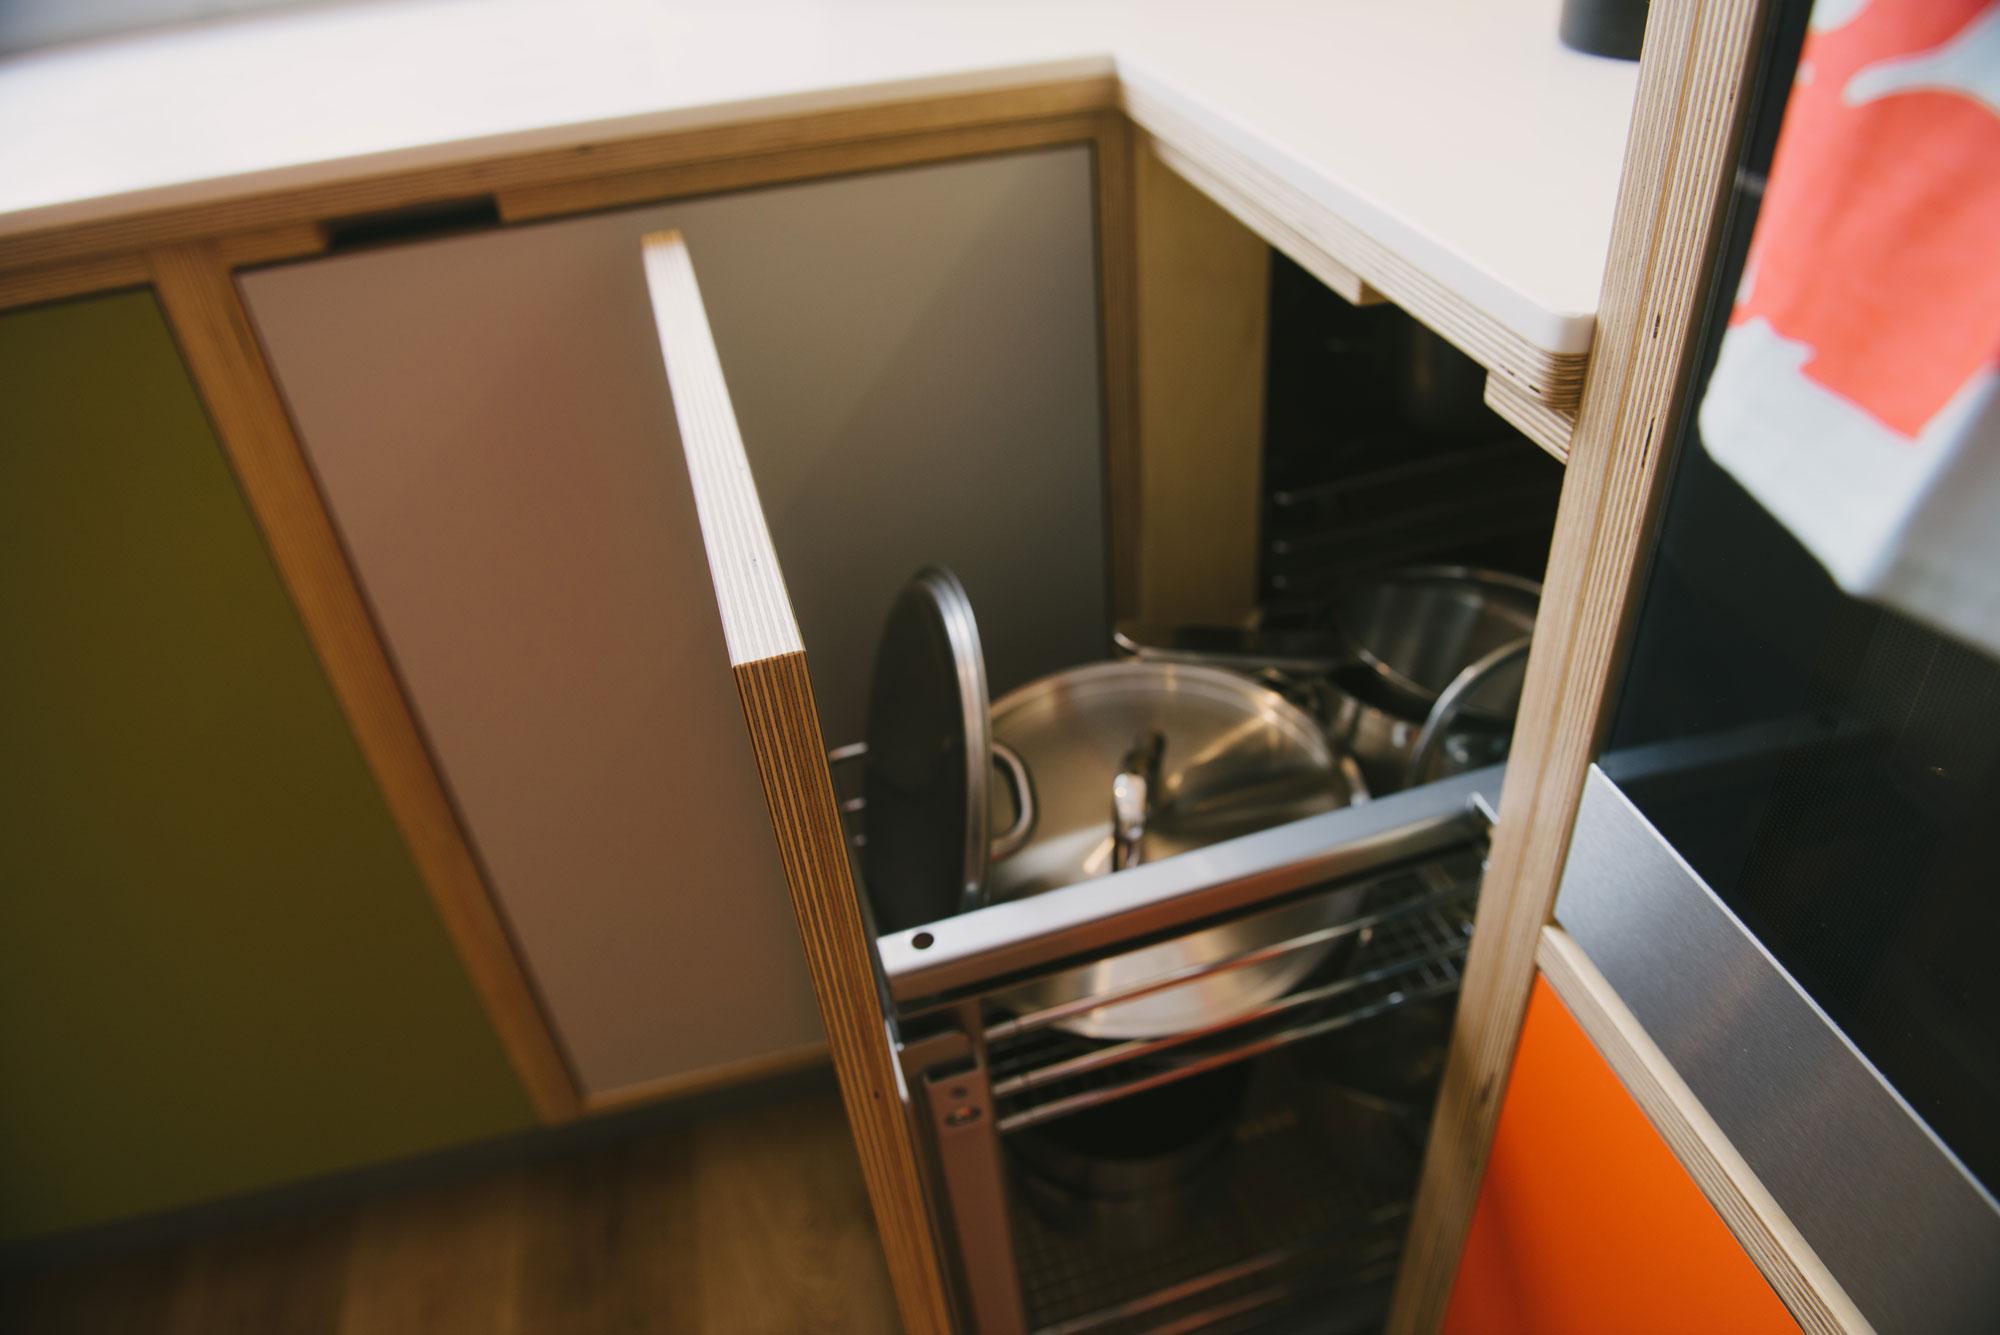 Orange and green kitchen corner cupboard